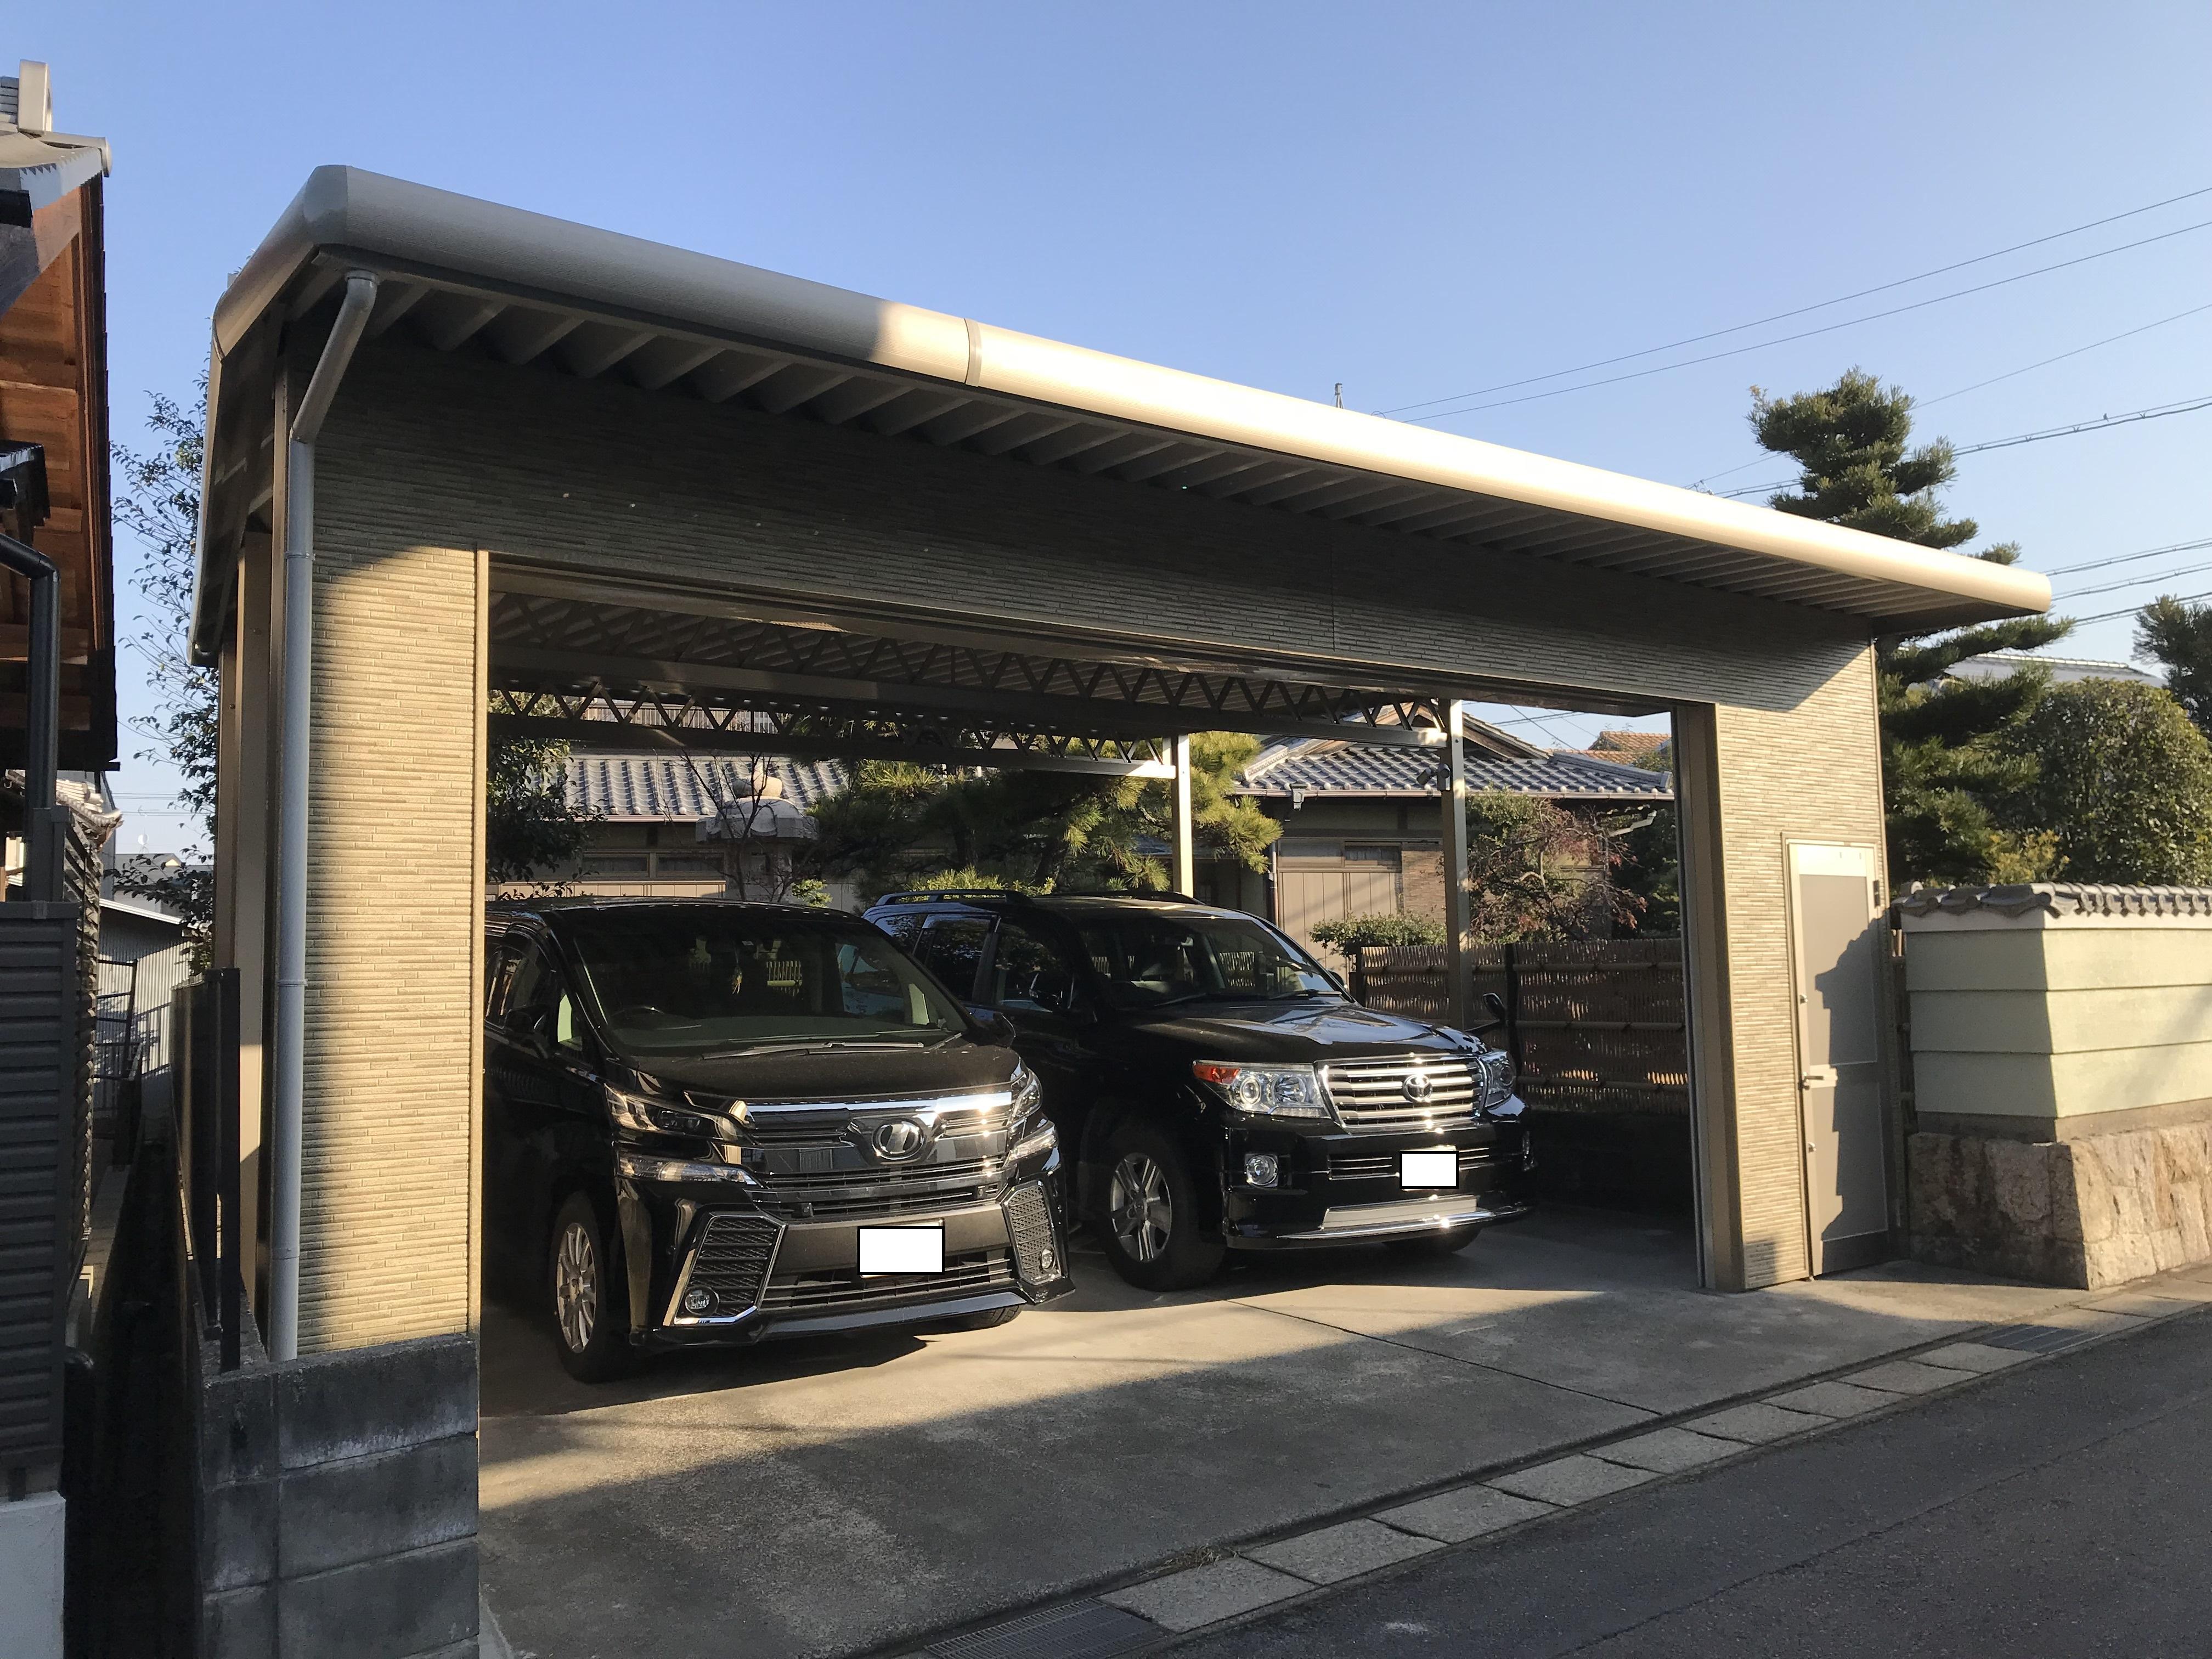 セキュリティ性の高い駐車場